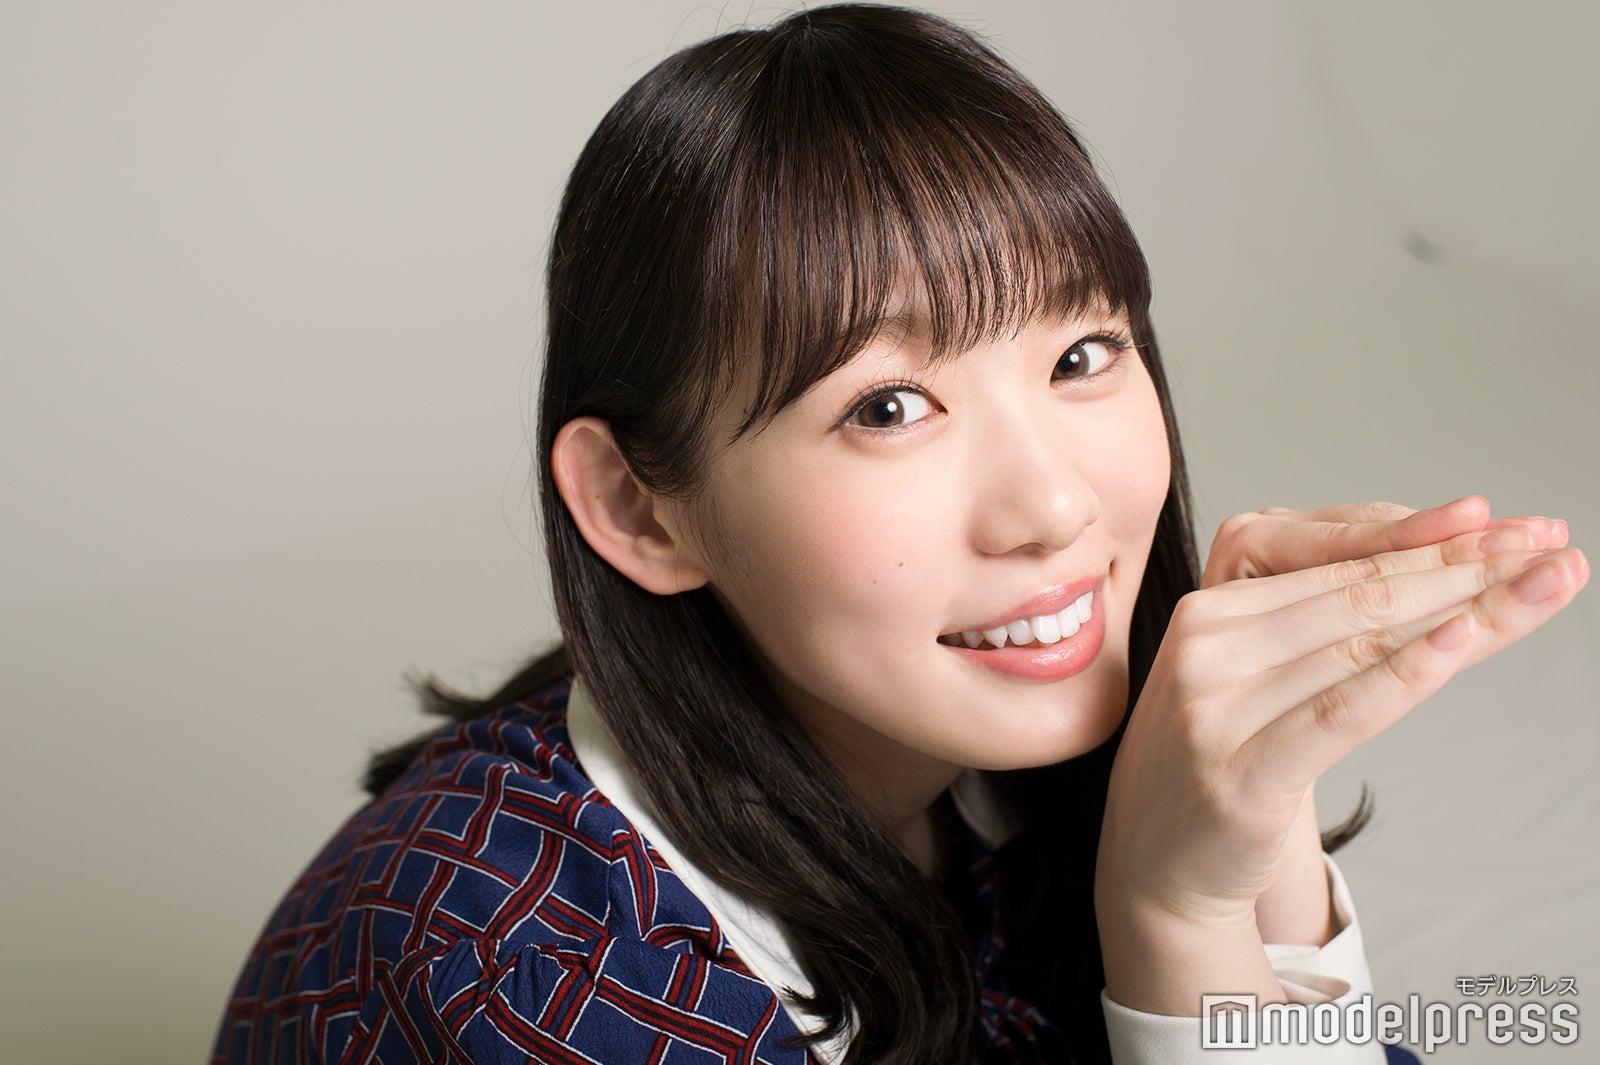 欅坂46小池美波、平手友梨奈が「明るく帰って来られるように